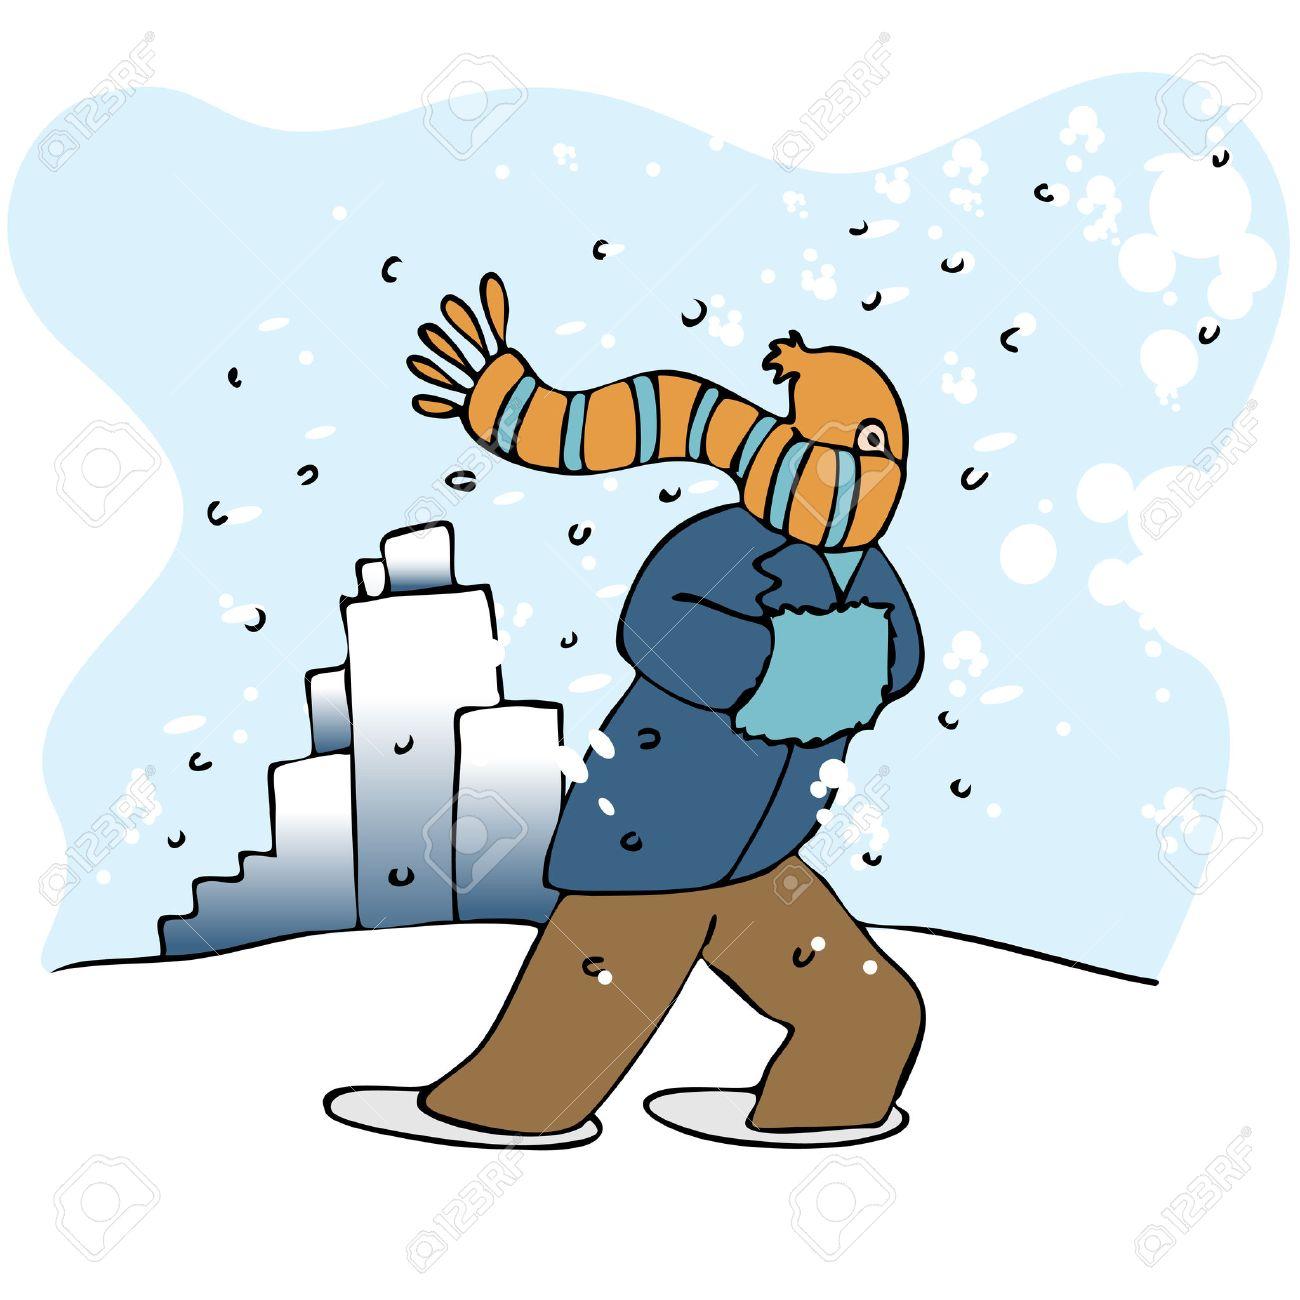 walking in blizzard clipart